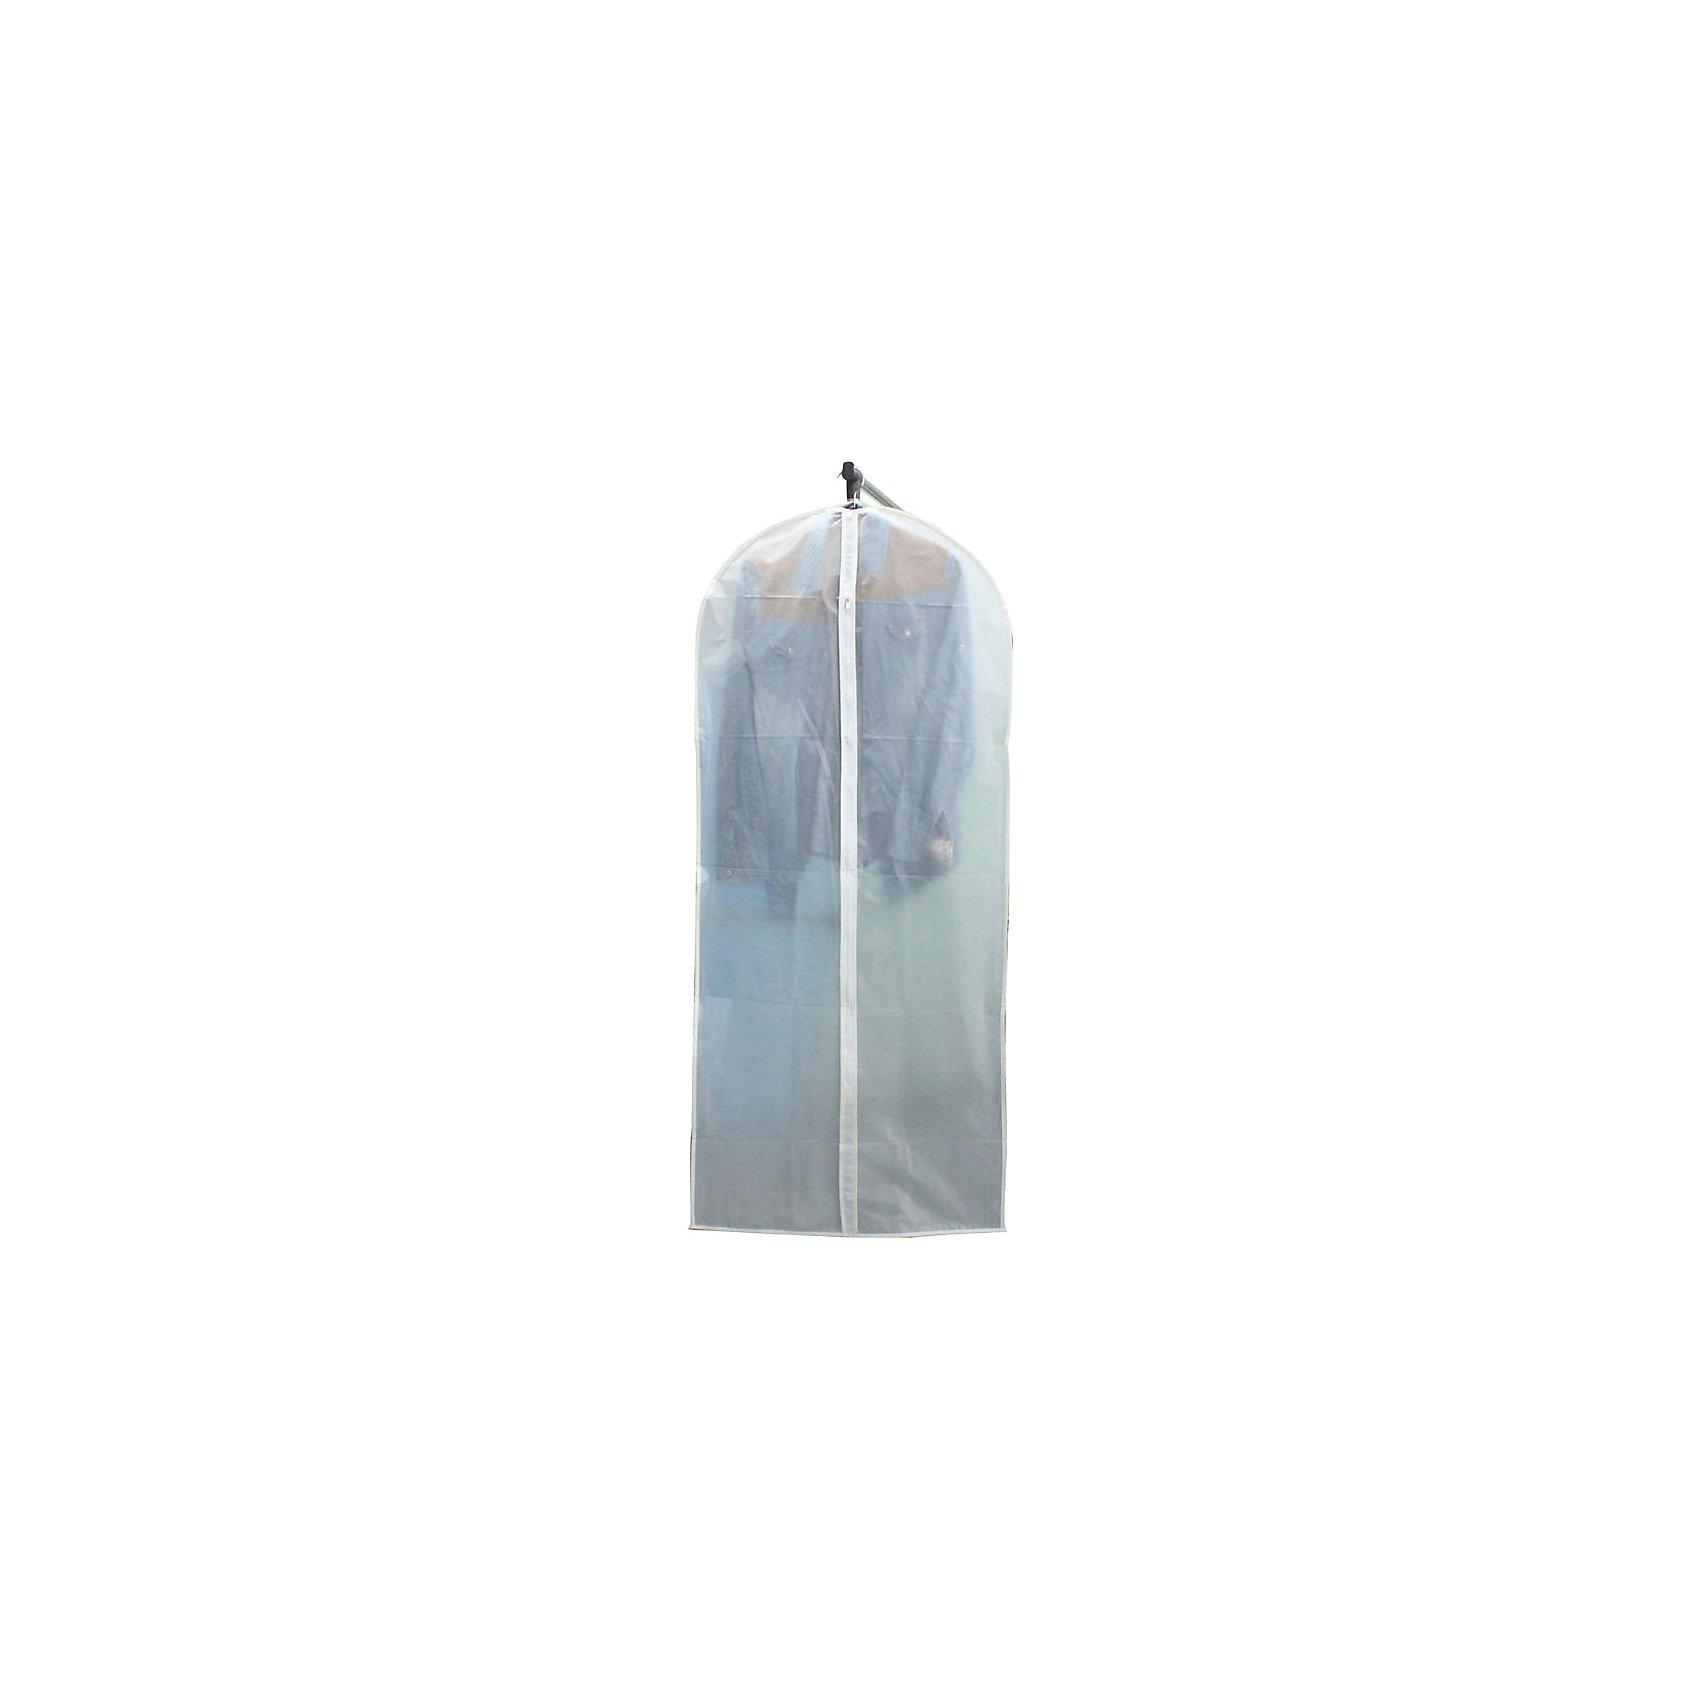 Чехол для одежды Эконом SUN-002, 60*135см, Рыжий КотПорядок в детской<br>Вместительный чехол из прозрачного материала закрывается на молнию, оснащен крючком для подвеса. Чехол защищает изделия от насекомых, моли, от пыли. Материал не электризуется.   <br><br>Дополнительная информация:<br><br>Размер: 60х135 см<br>Материал: полиэтиленвинилацетат<br>Толщина: 0,065 мм<br><br>Чехол для одежды Эконом SUN-002, 60*135см, Рыжий Кот можно купить в нашем интернет-магазине.<br><br>Ширина мм: 325<br>Глубина мм: 225<br>Высота мм: 20<br>Вес г: 134<br>Возраст от месяцев: 36<br>Возраст до месяцев: 1080<br>Пол: Унисекс<br>Возраст: Детский<br>SKU: 4989812